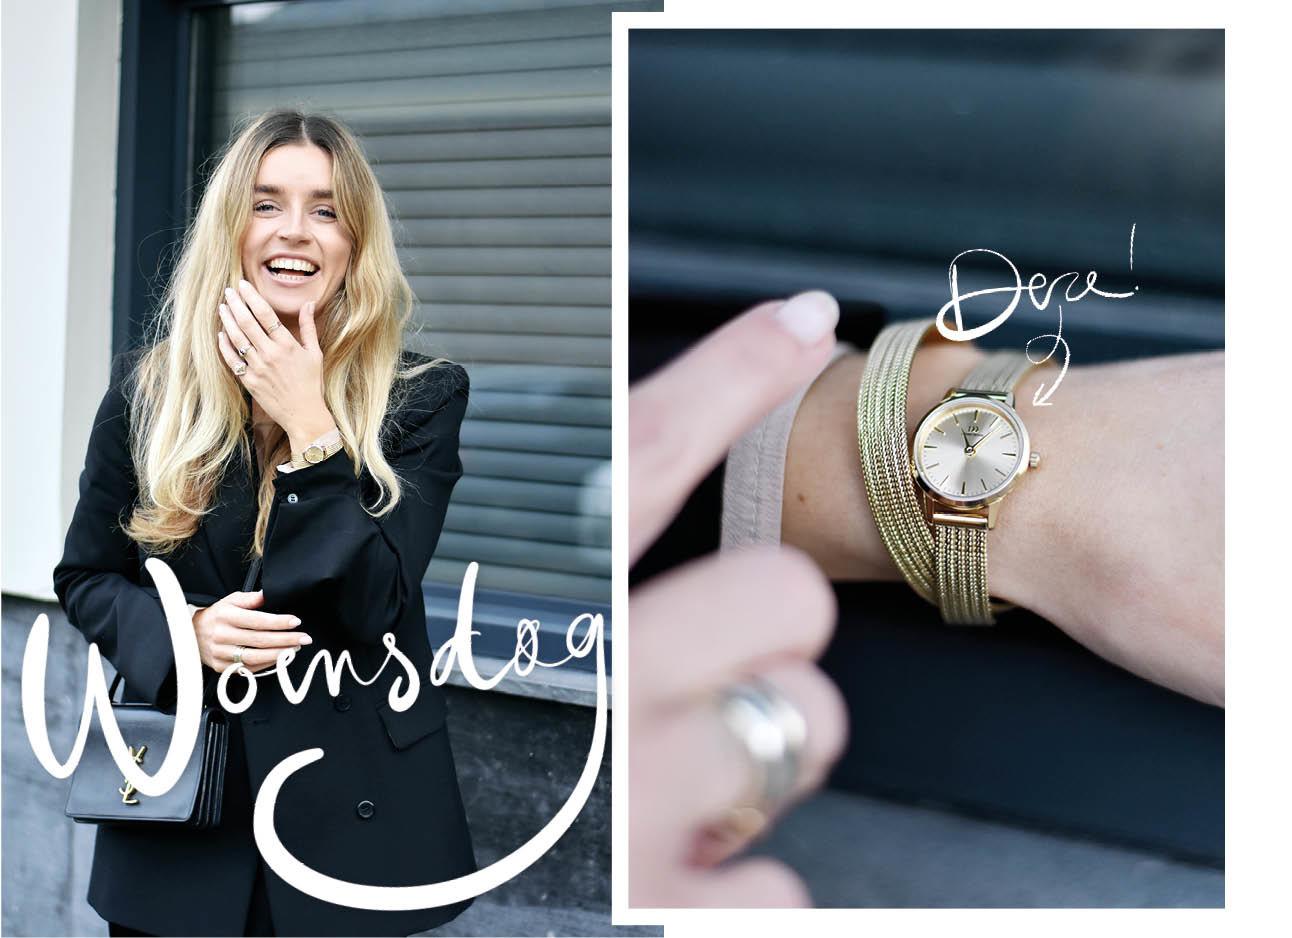 Lotte van Scherpenzeel met Danish horloge